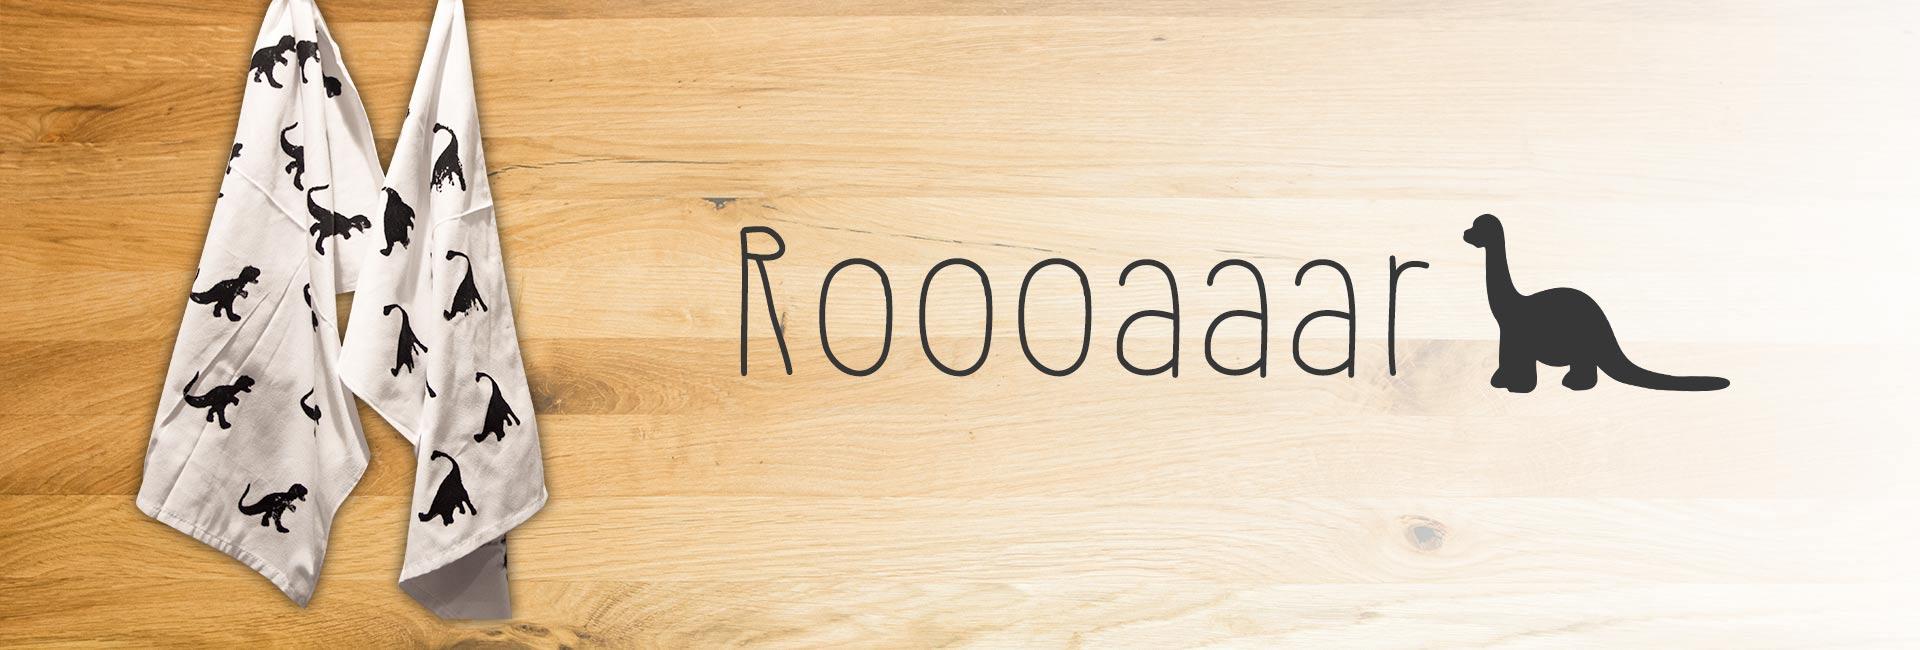 Für mehr Roooaar in der Küche: Geschirrtücher mit Dino-Druck 1